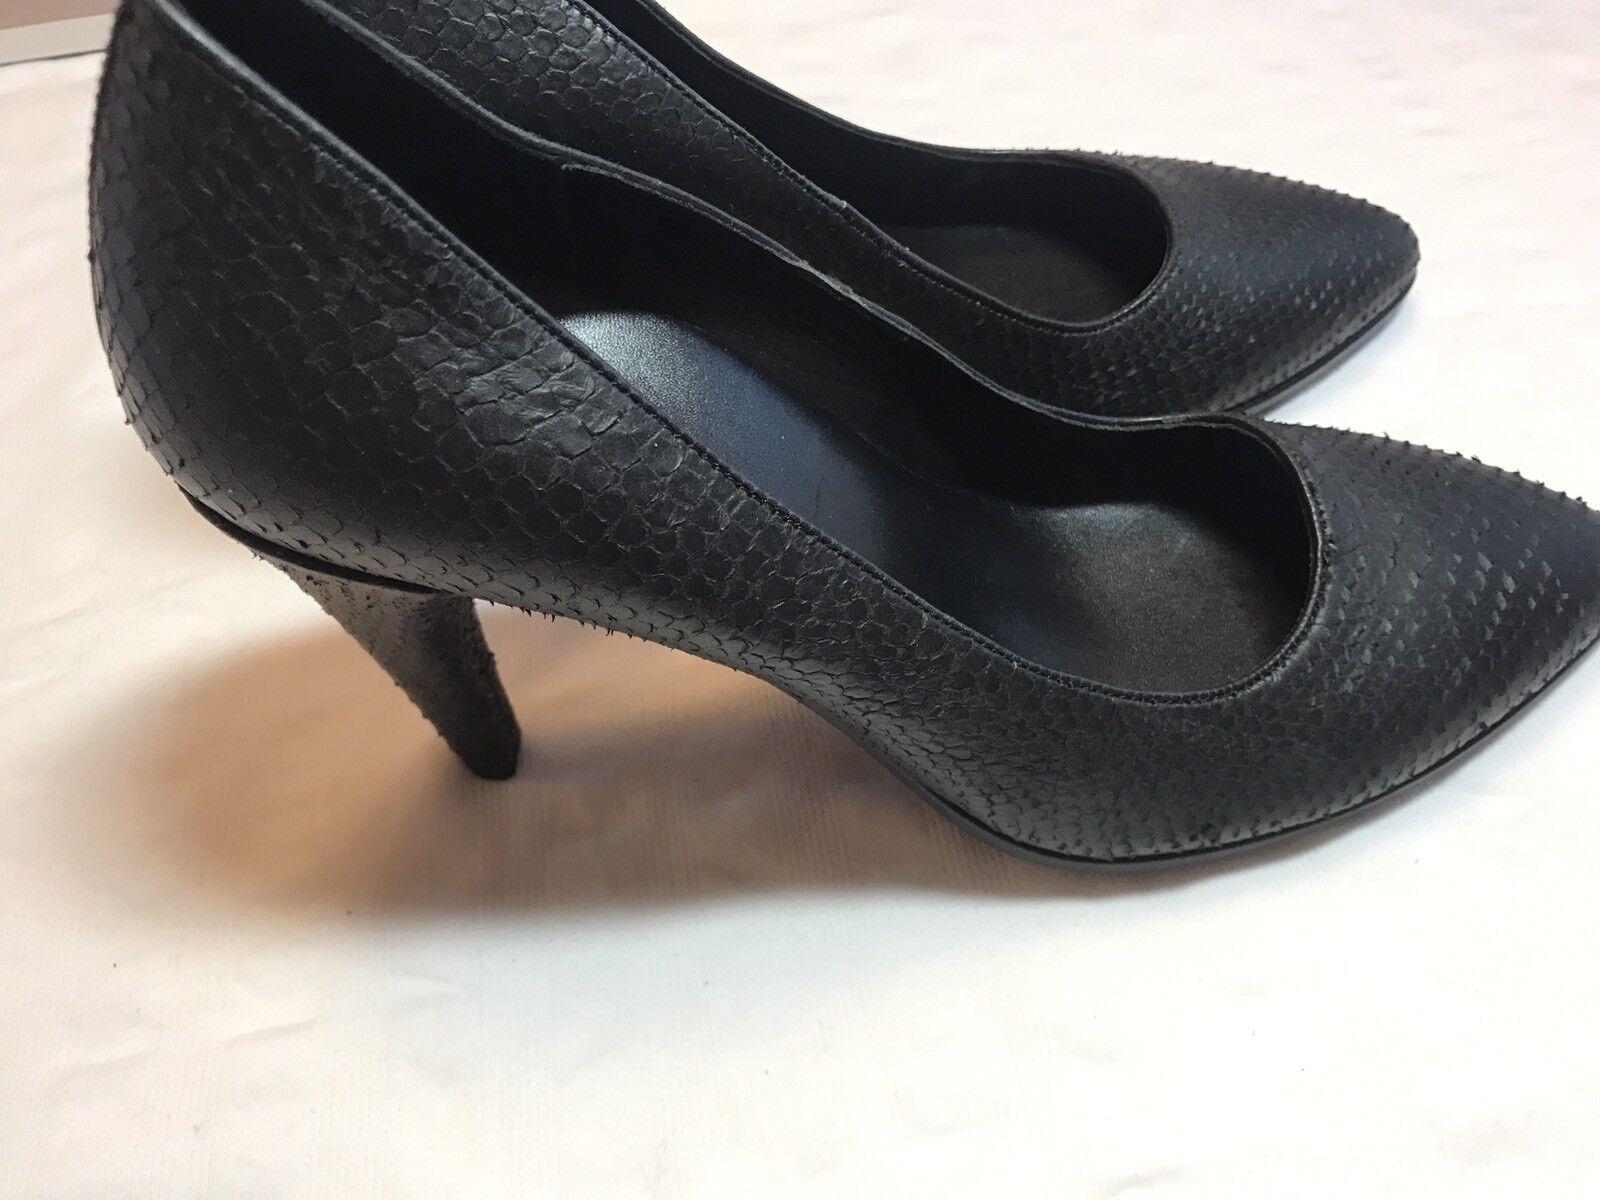 ECCO Danish Design Heels Heels Heels Snakeskin Round Toe Heels EU 39 schwarz  14 69b889